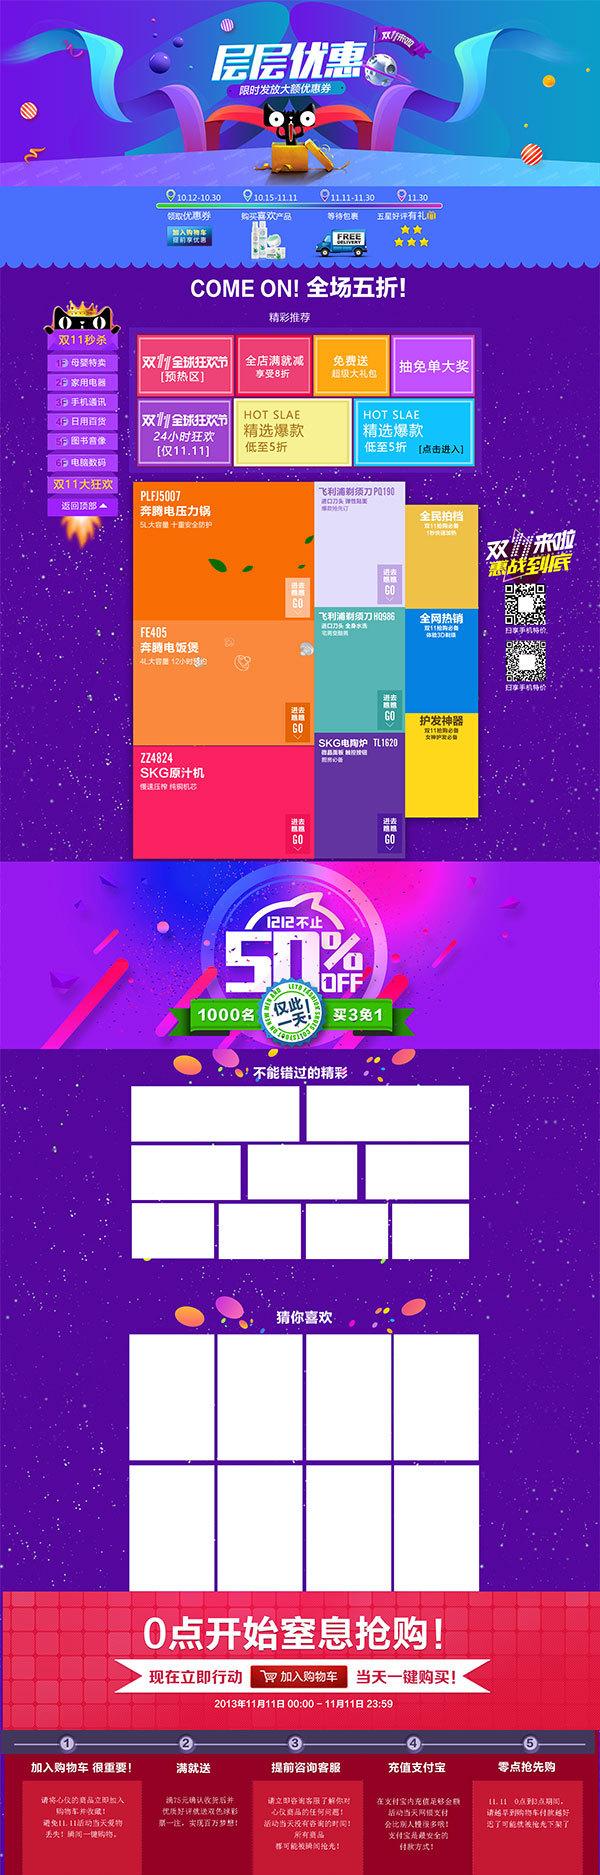 紫色炫彩双11pc端店铺电商首页模板